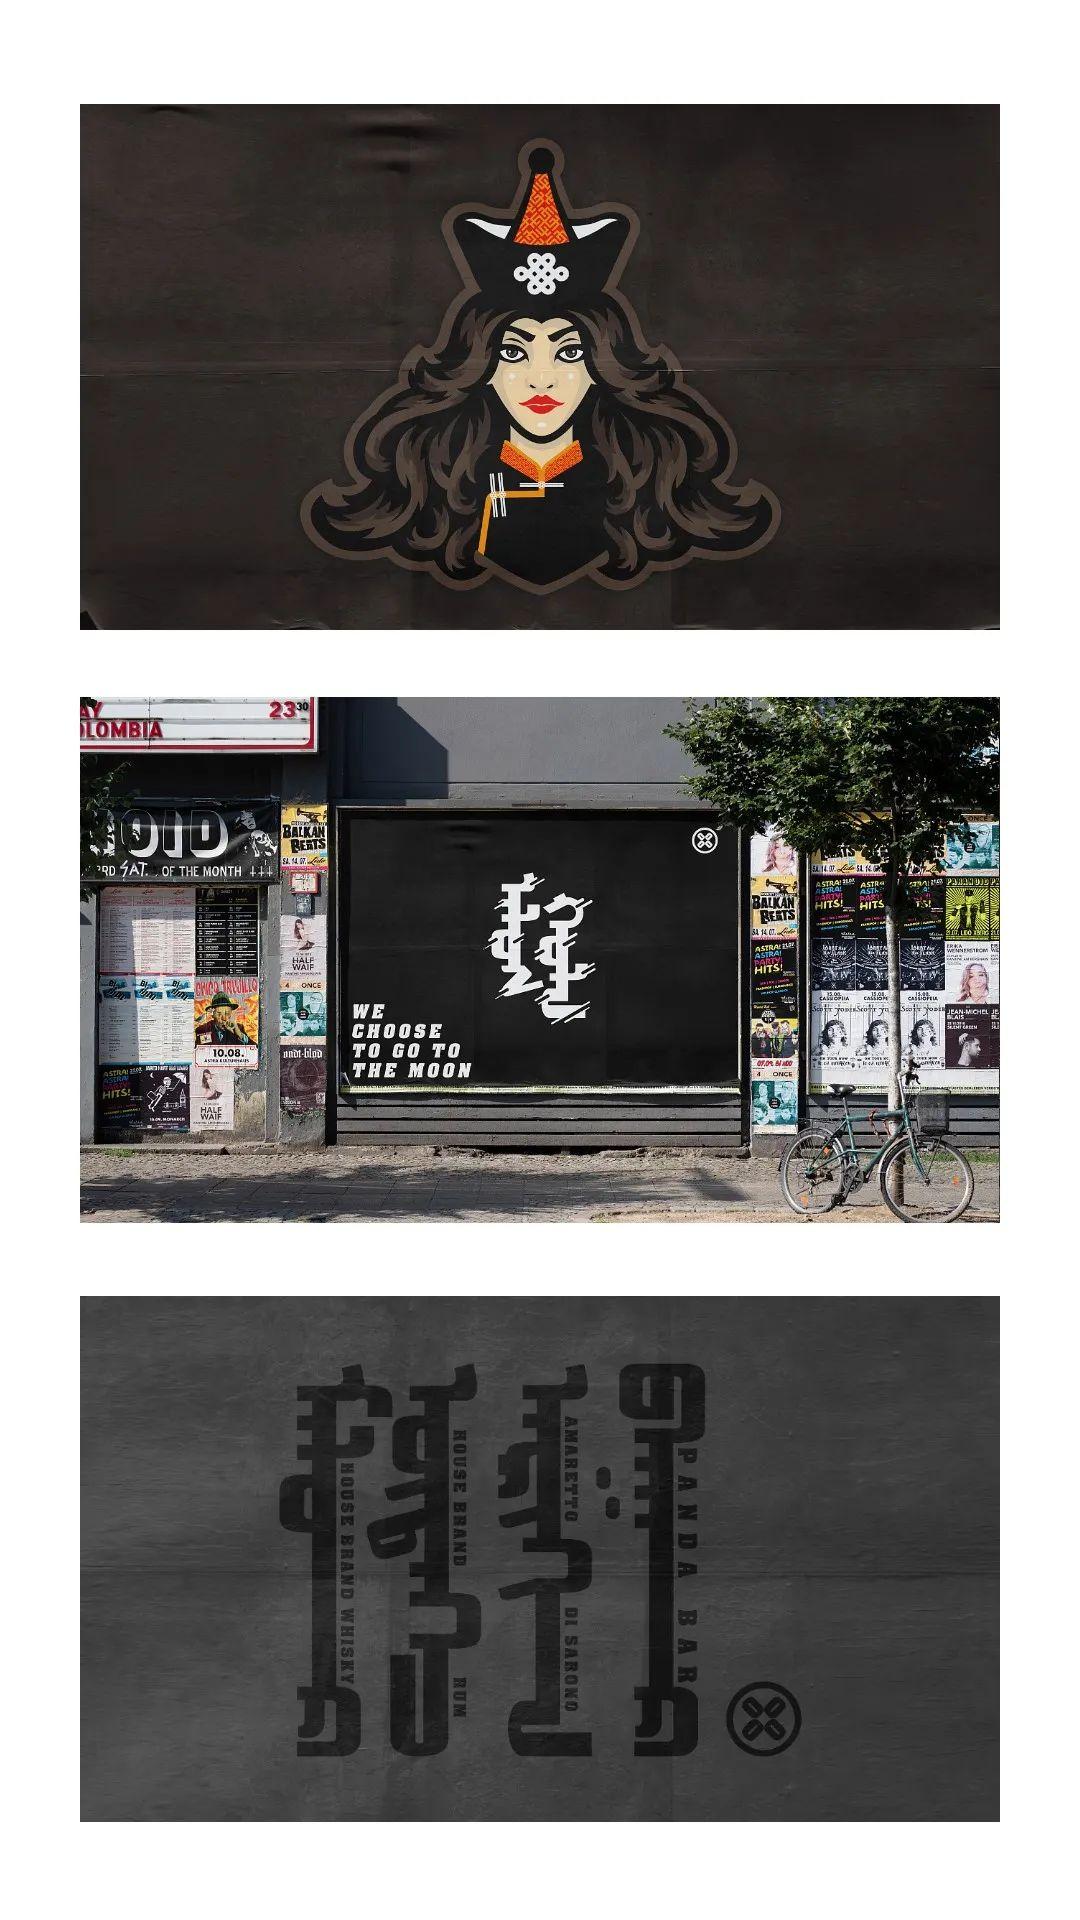 超赞的蒙元素设计-看完马上收藏 #Hotoch-Design#设计案例 第9张